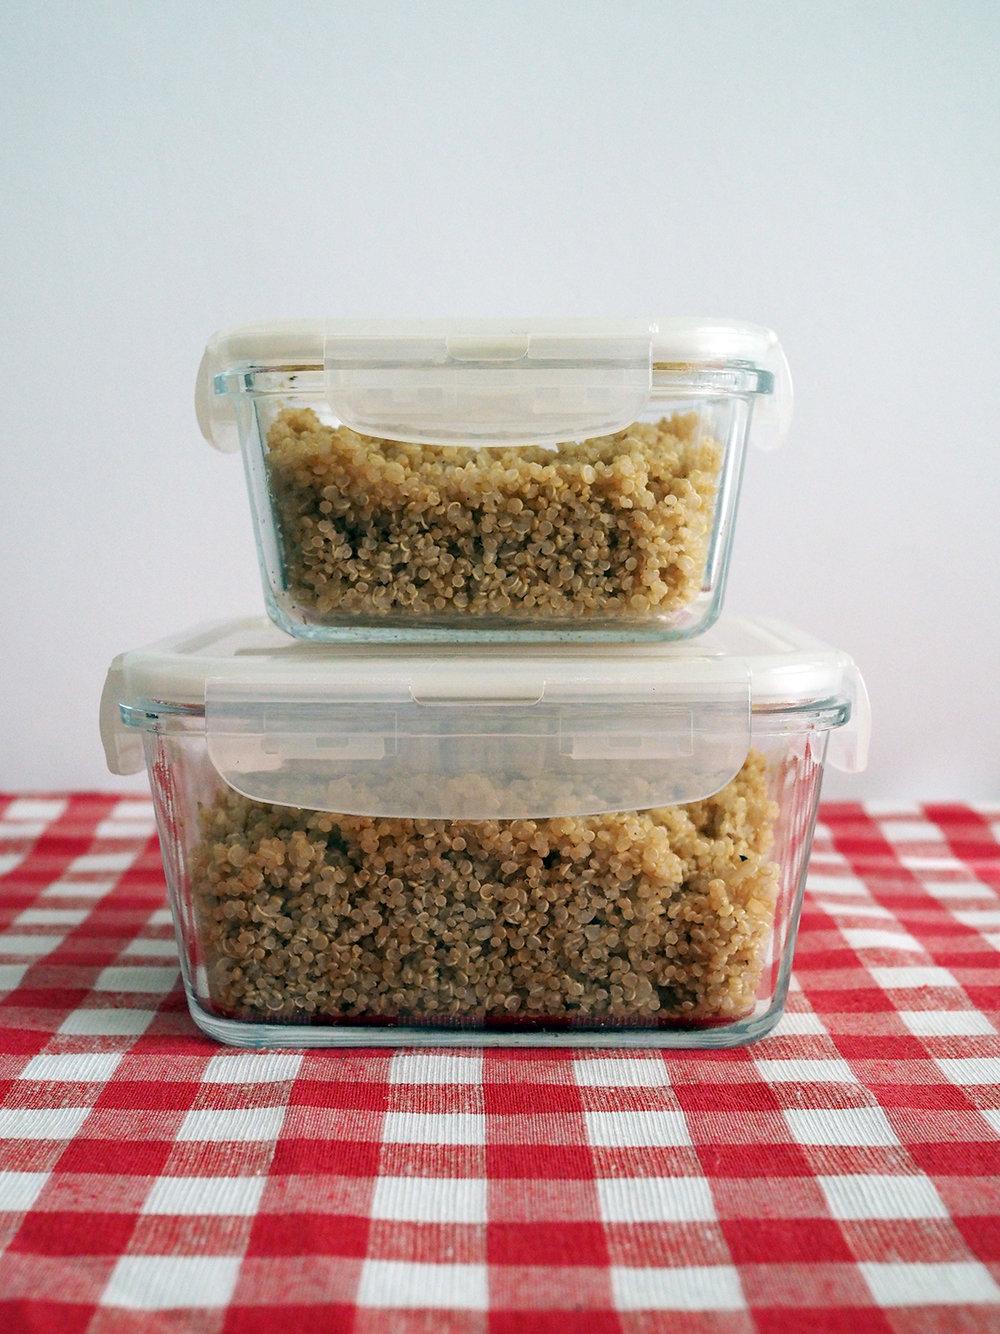 Cam kaplarda saklı kinoa gibi pişmiş bir tahıl, yaklaşık bir hafta buzdolabında saklanabiliyor.